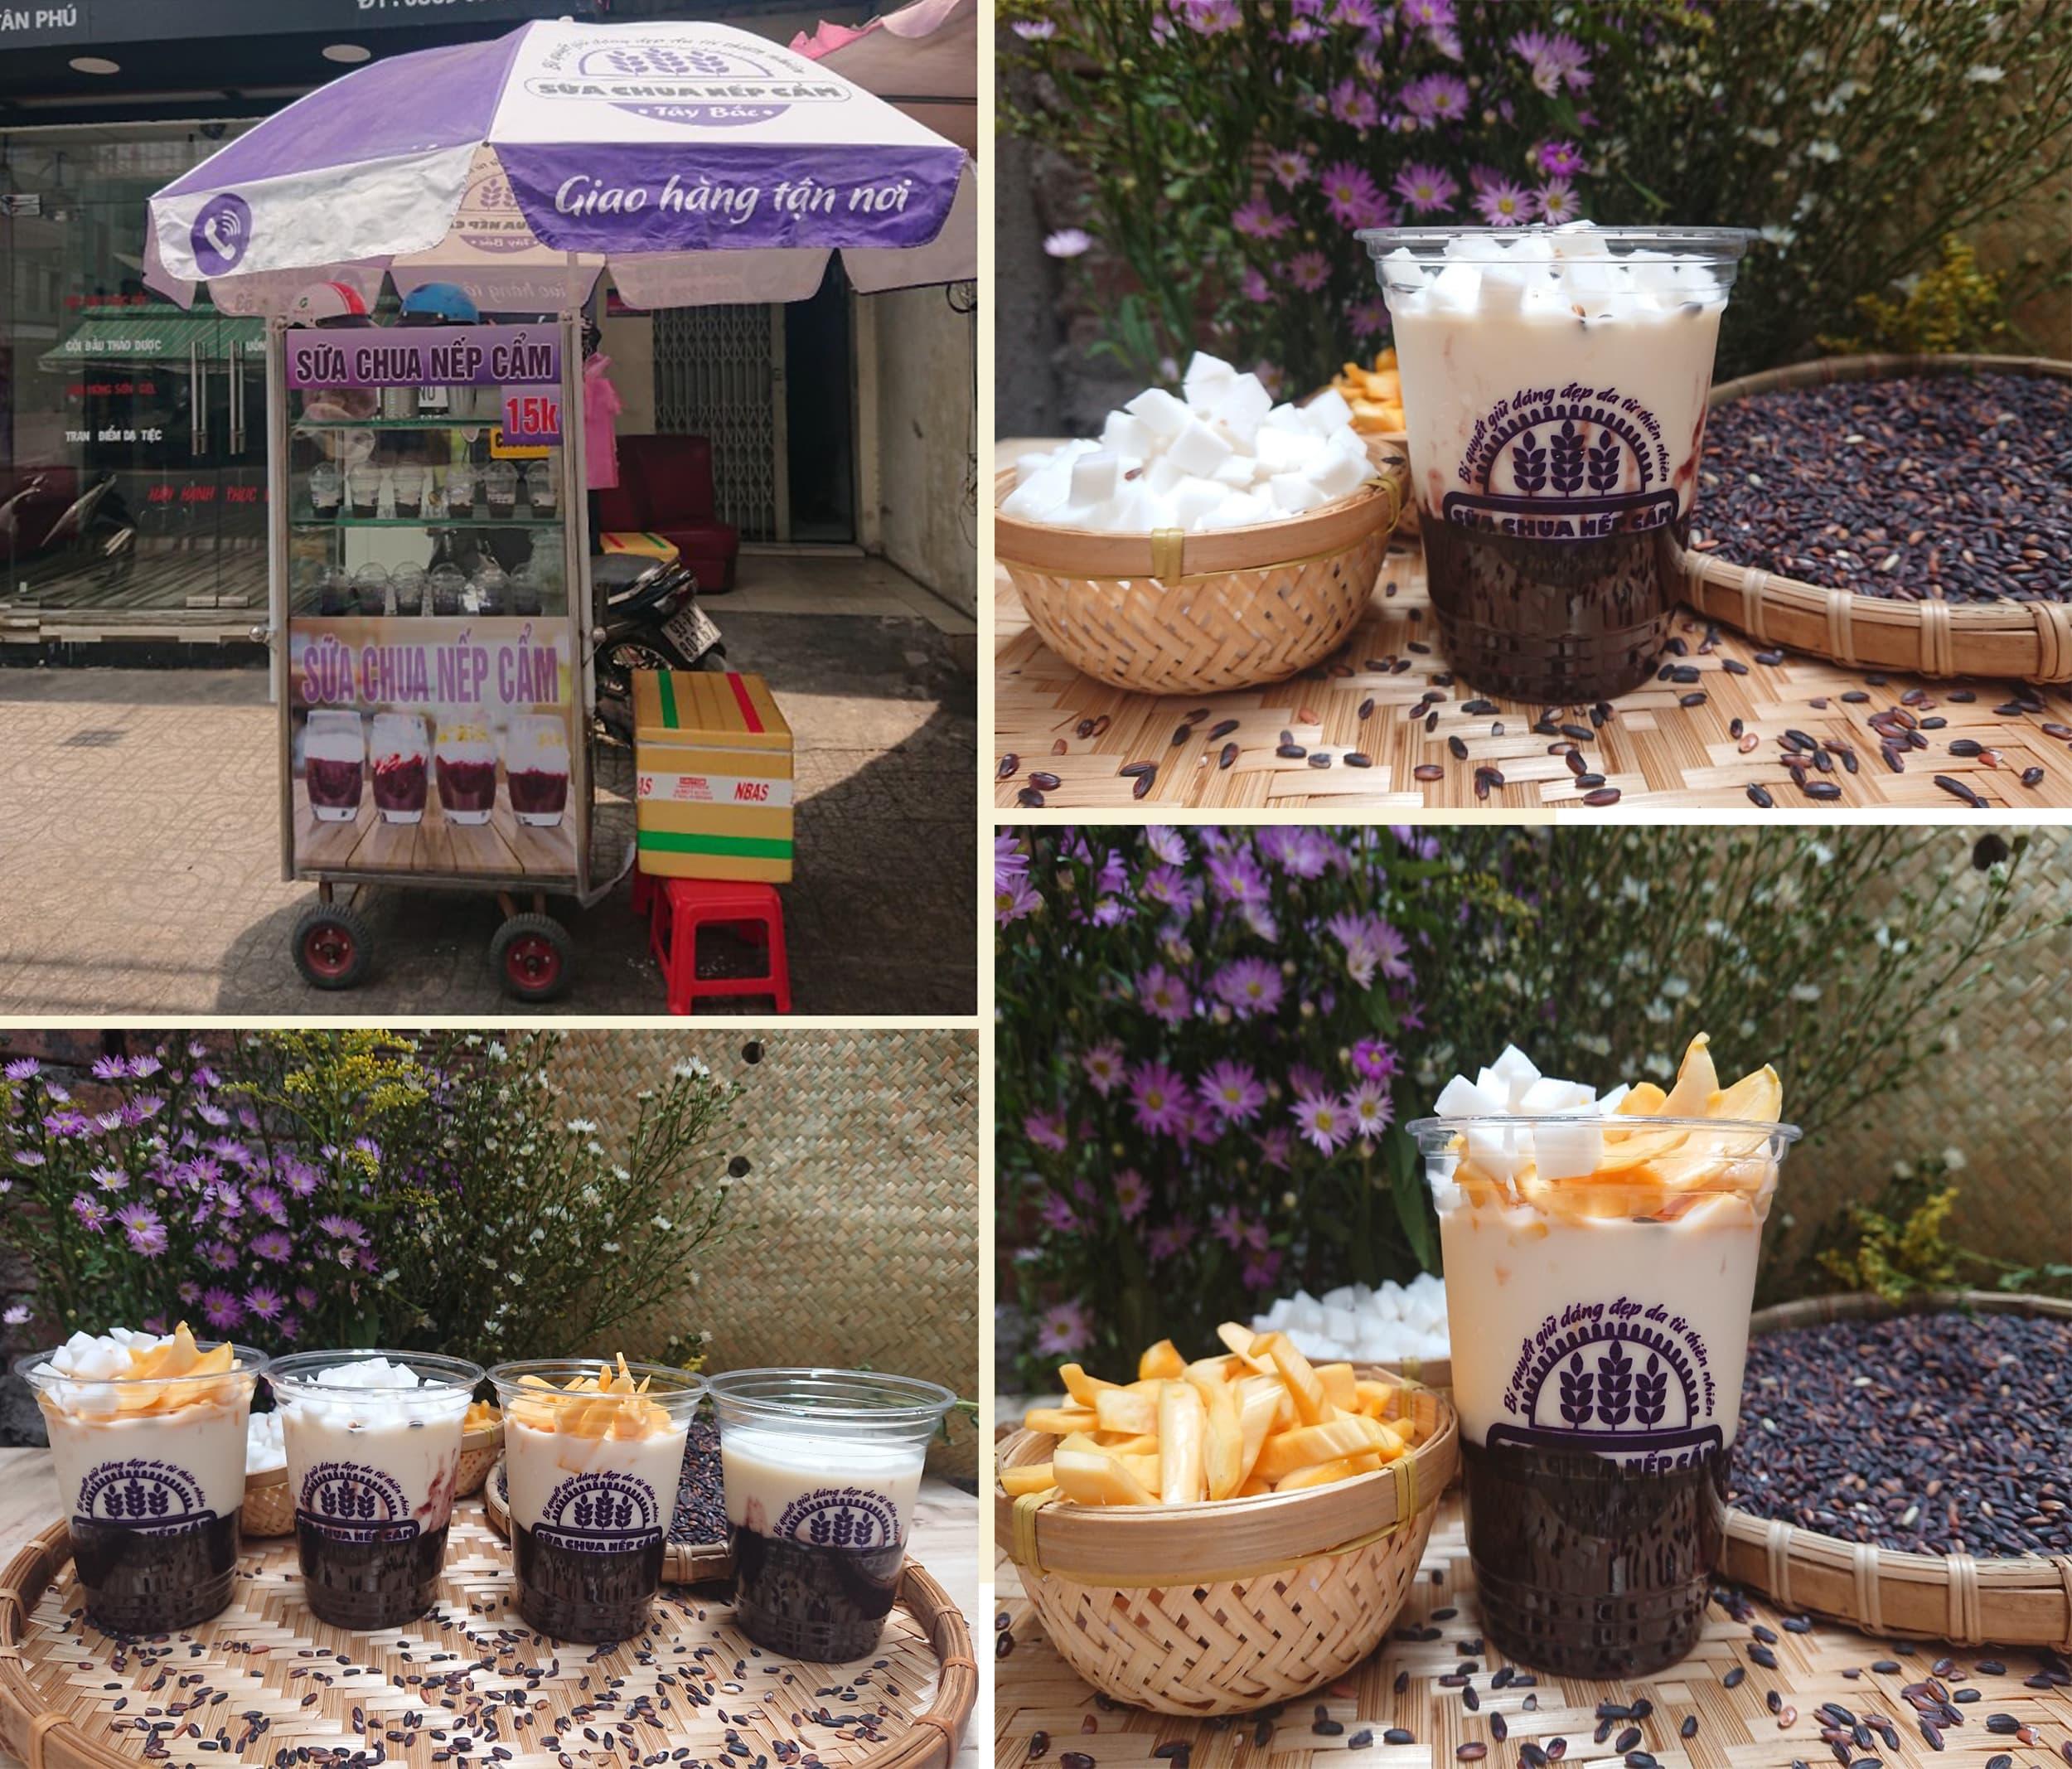 Quán sữa chua nếp cẩm ngon ở Quận Tân Bình - phục vụ theo hình thức take away